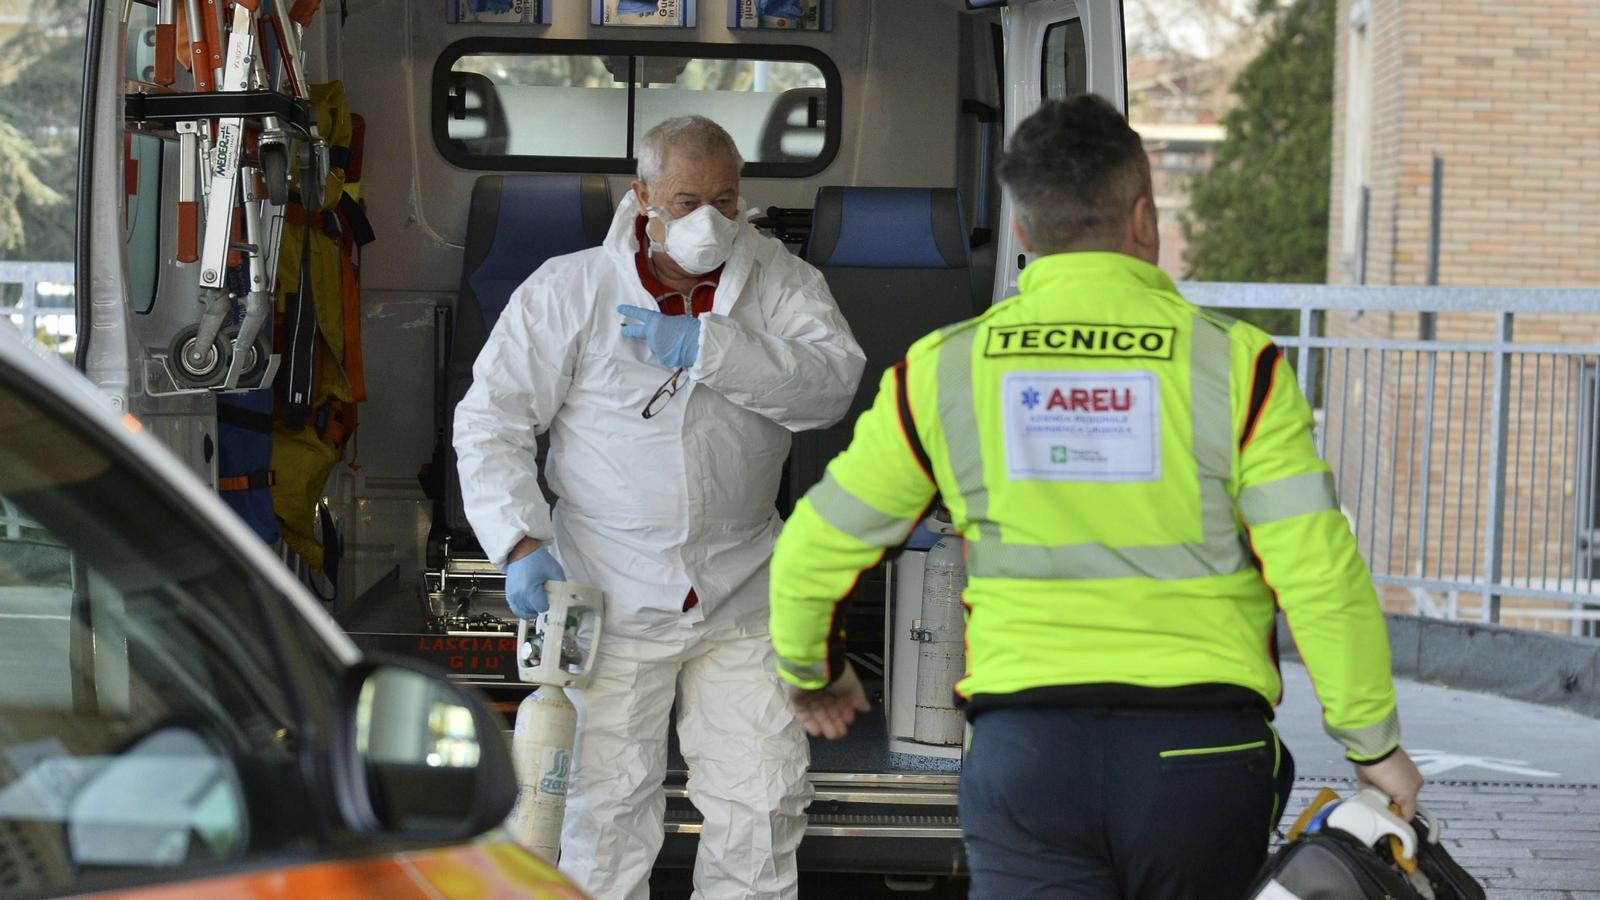 Un treballador sanitari a l'Hospital Cívic Codogno, a Lodi, al nord d'Itàlia